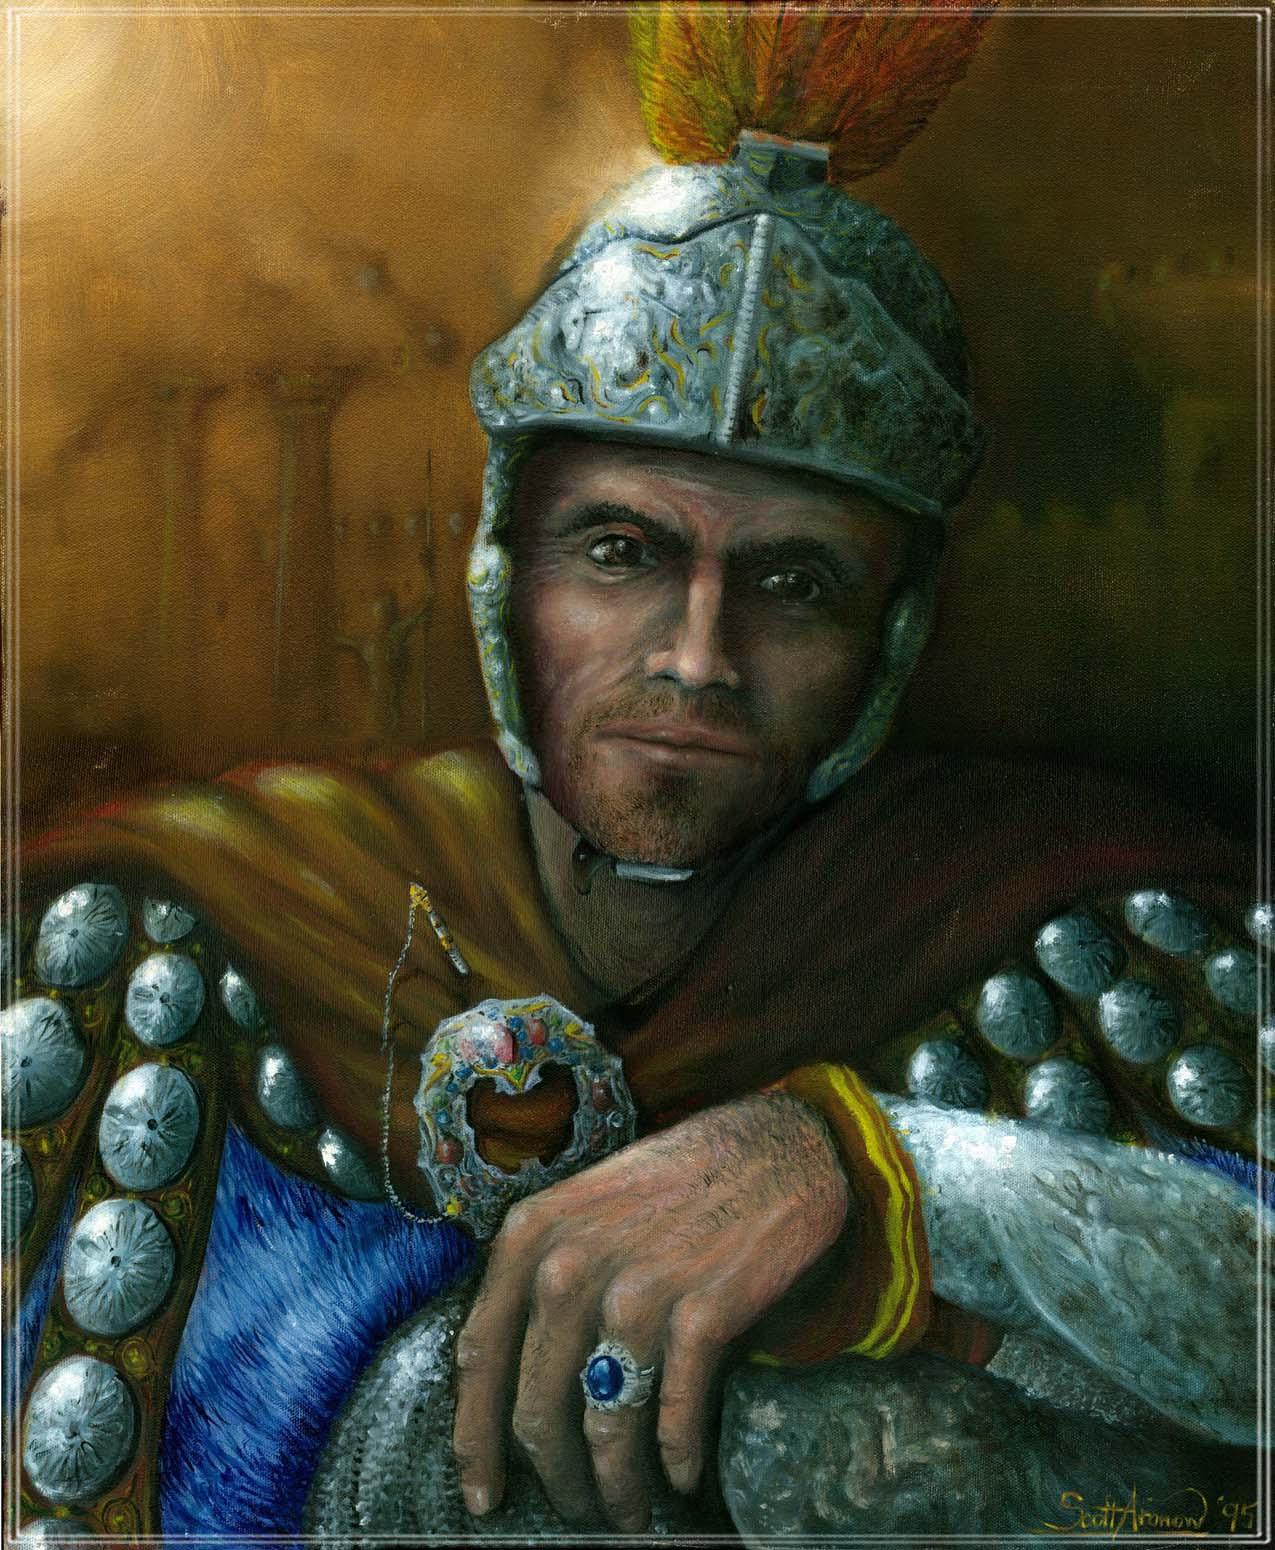 Flavius Magnus Maximus Augustus